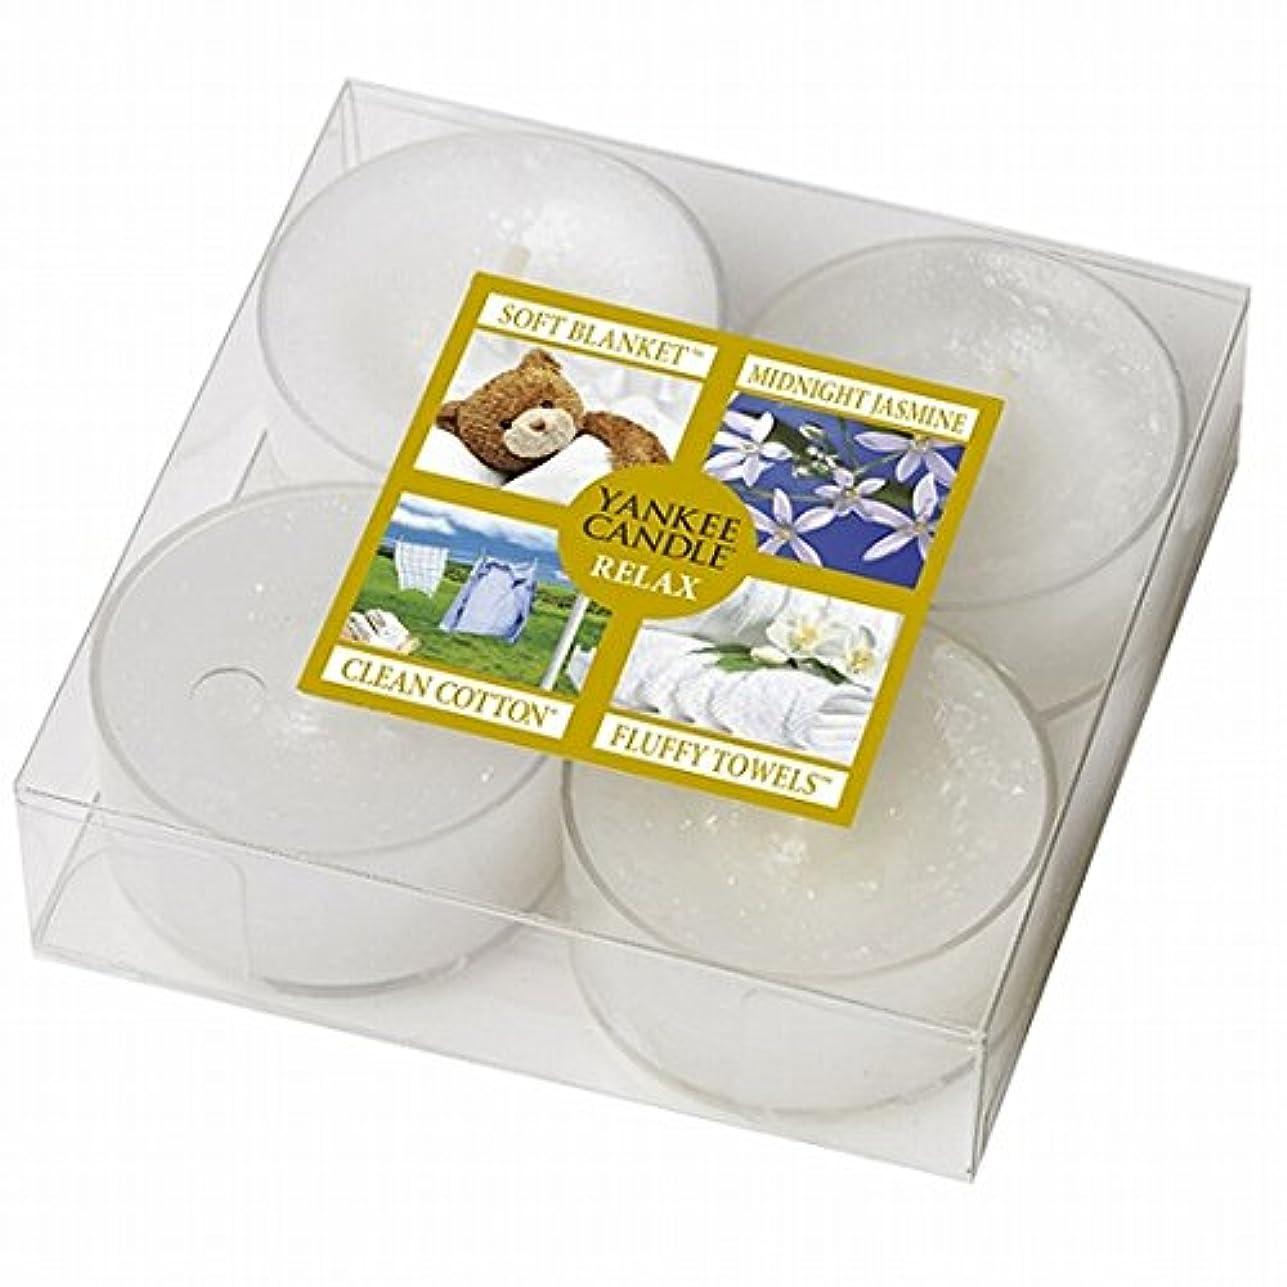 顔料自動化開梱ヤンキーキャンドル( YANKEE CANDLE ) YANKEE CANDLE クリアカップティーライト4個入り アソート 「リラックス」